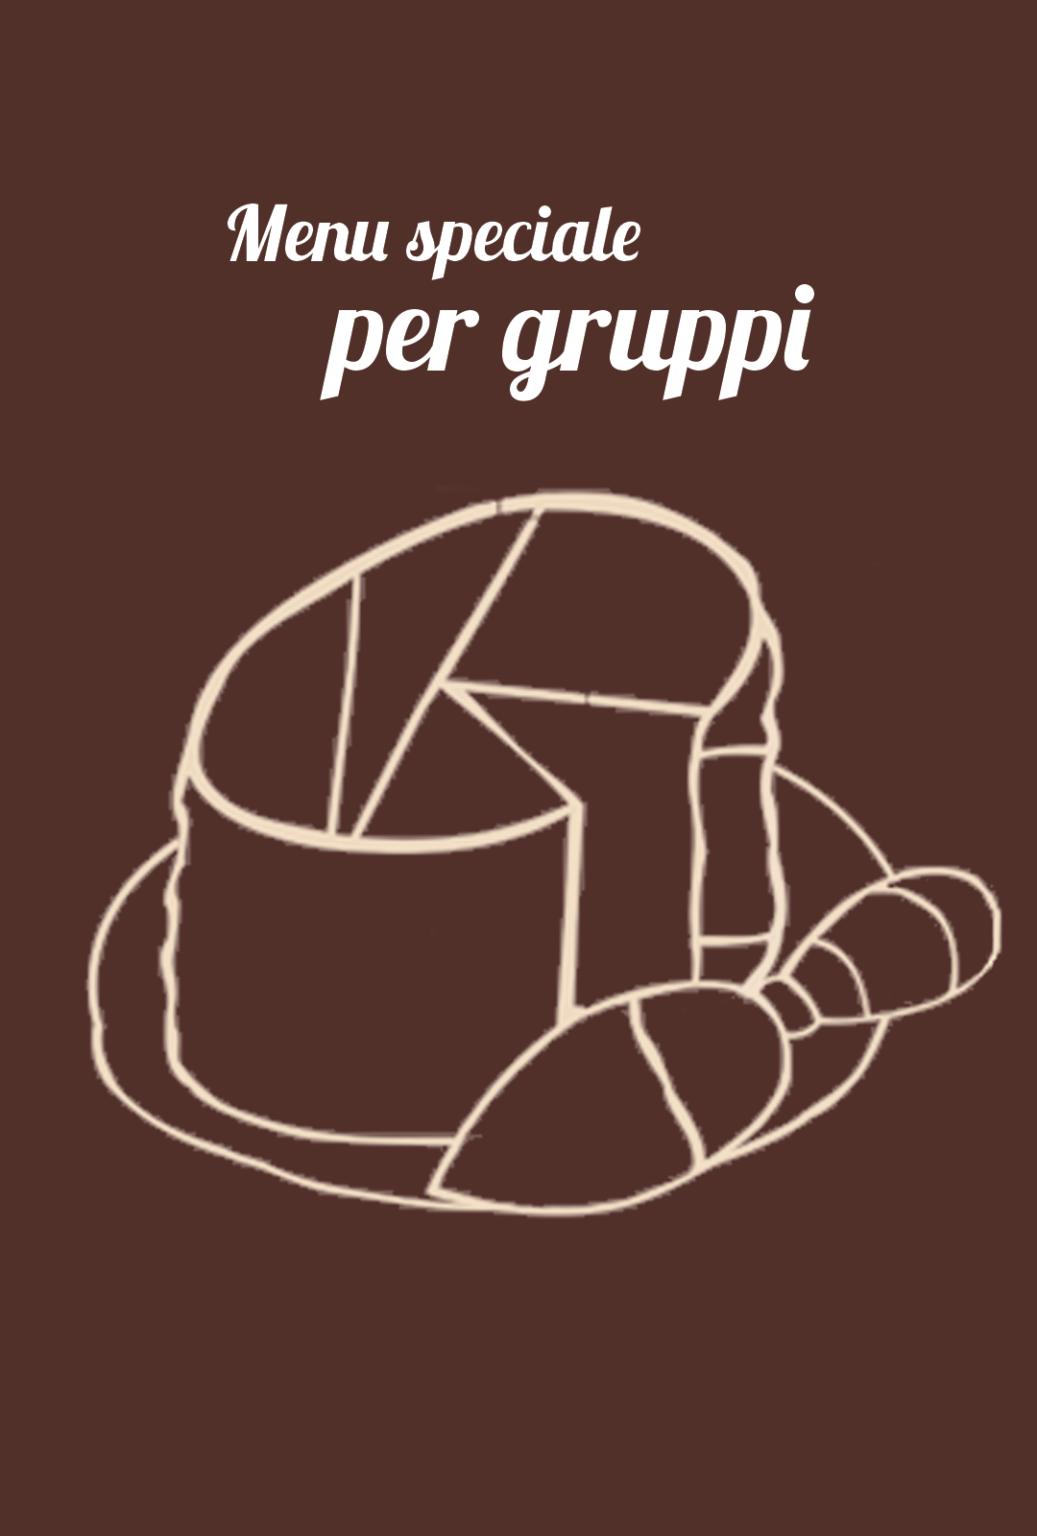 selector menu per gruppi